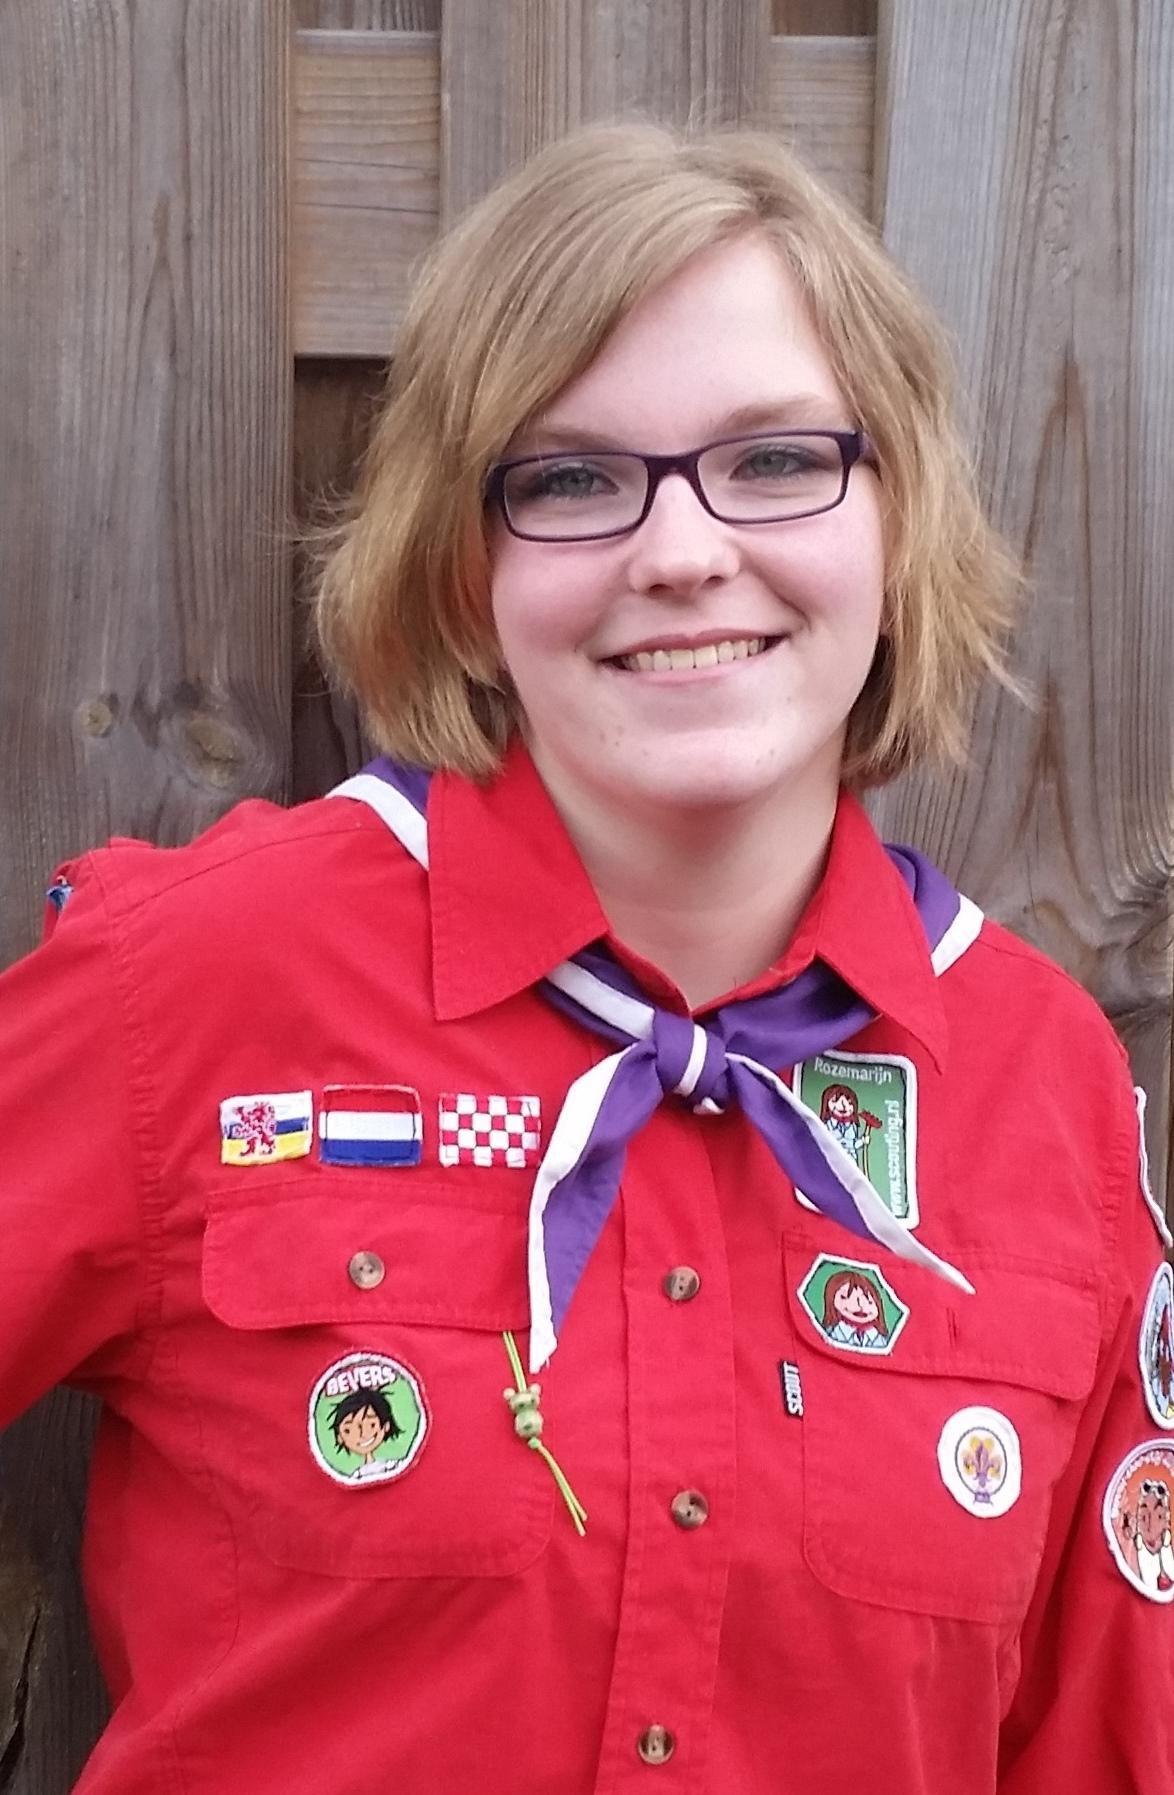 Sharon Op 't Root (26) is nierpatiënt en al tien jaar vrijwilliger bij de scouting